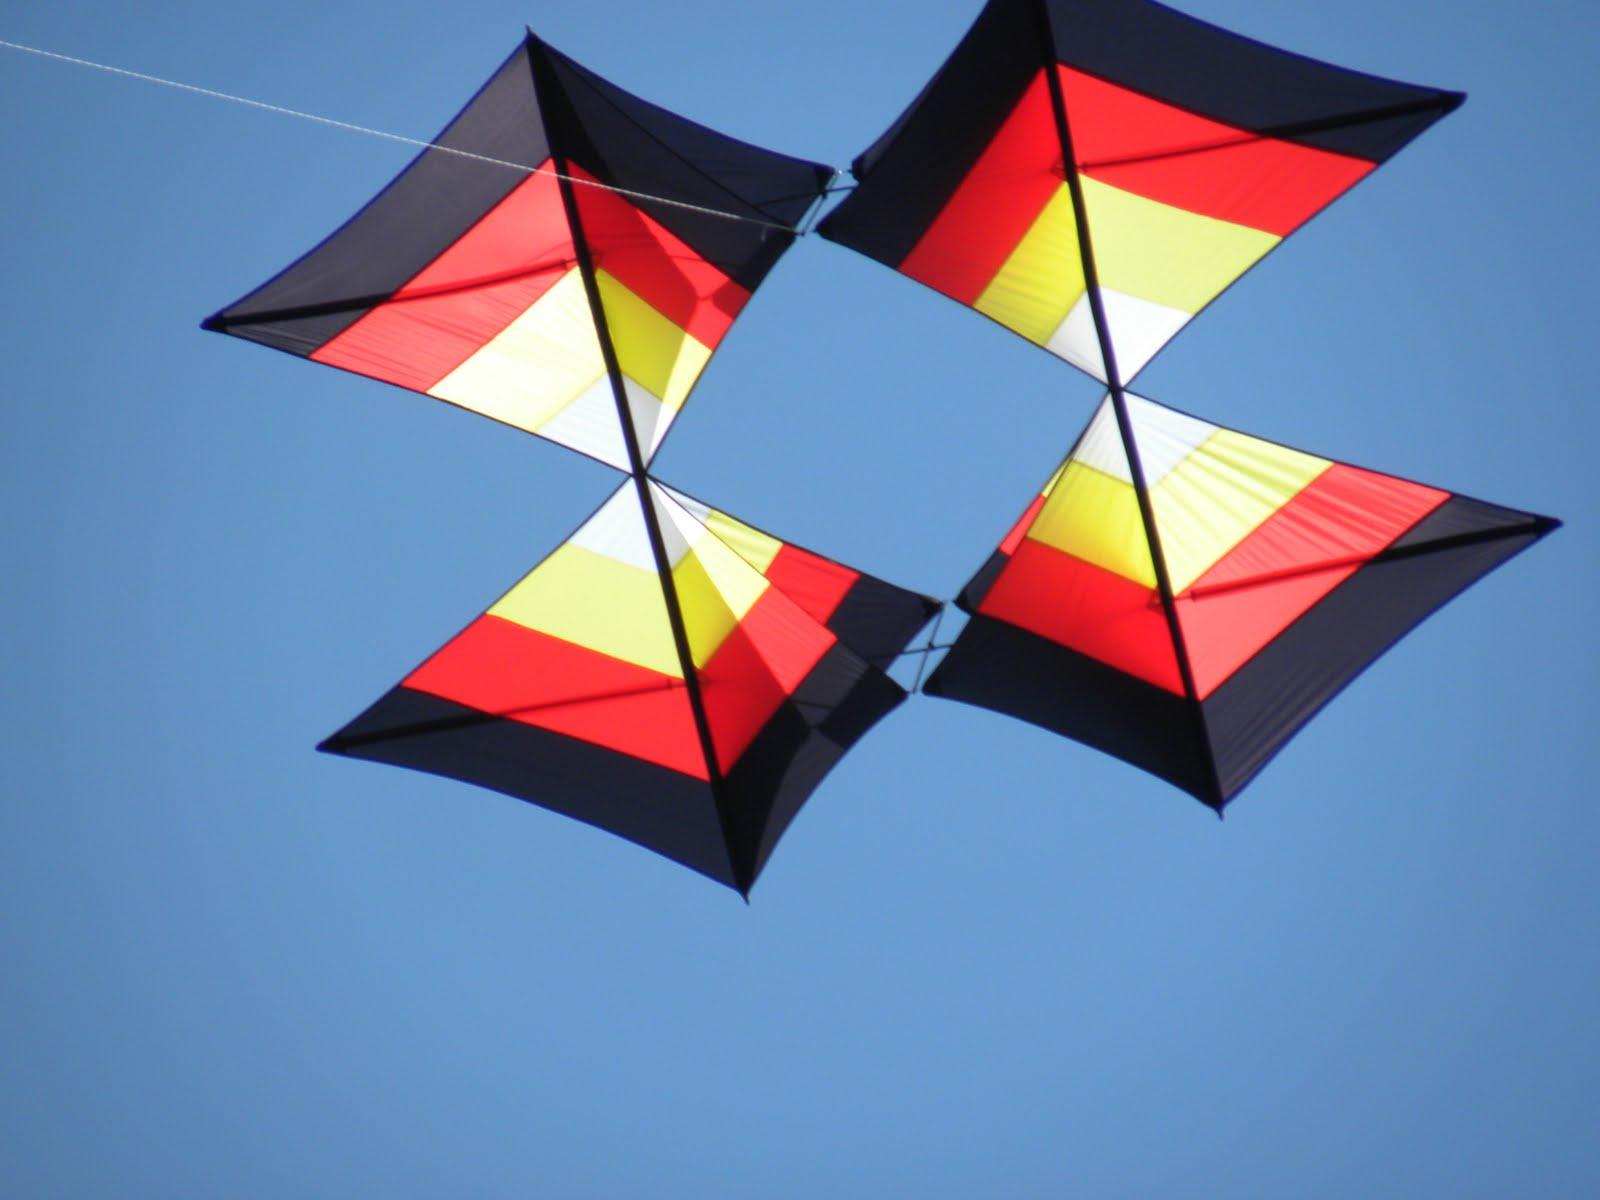 ... Madison - 50174 - Delta Kites 4.5 Foot Deltas - World Wind Kites